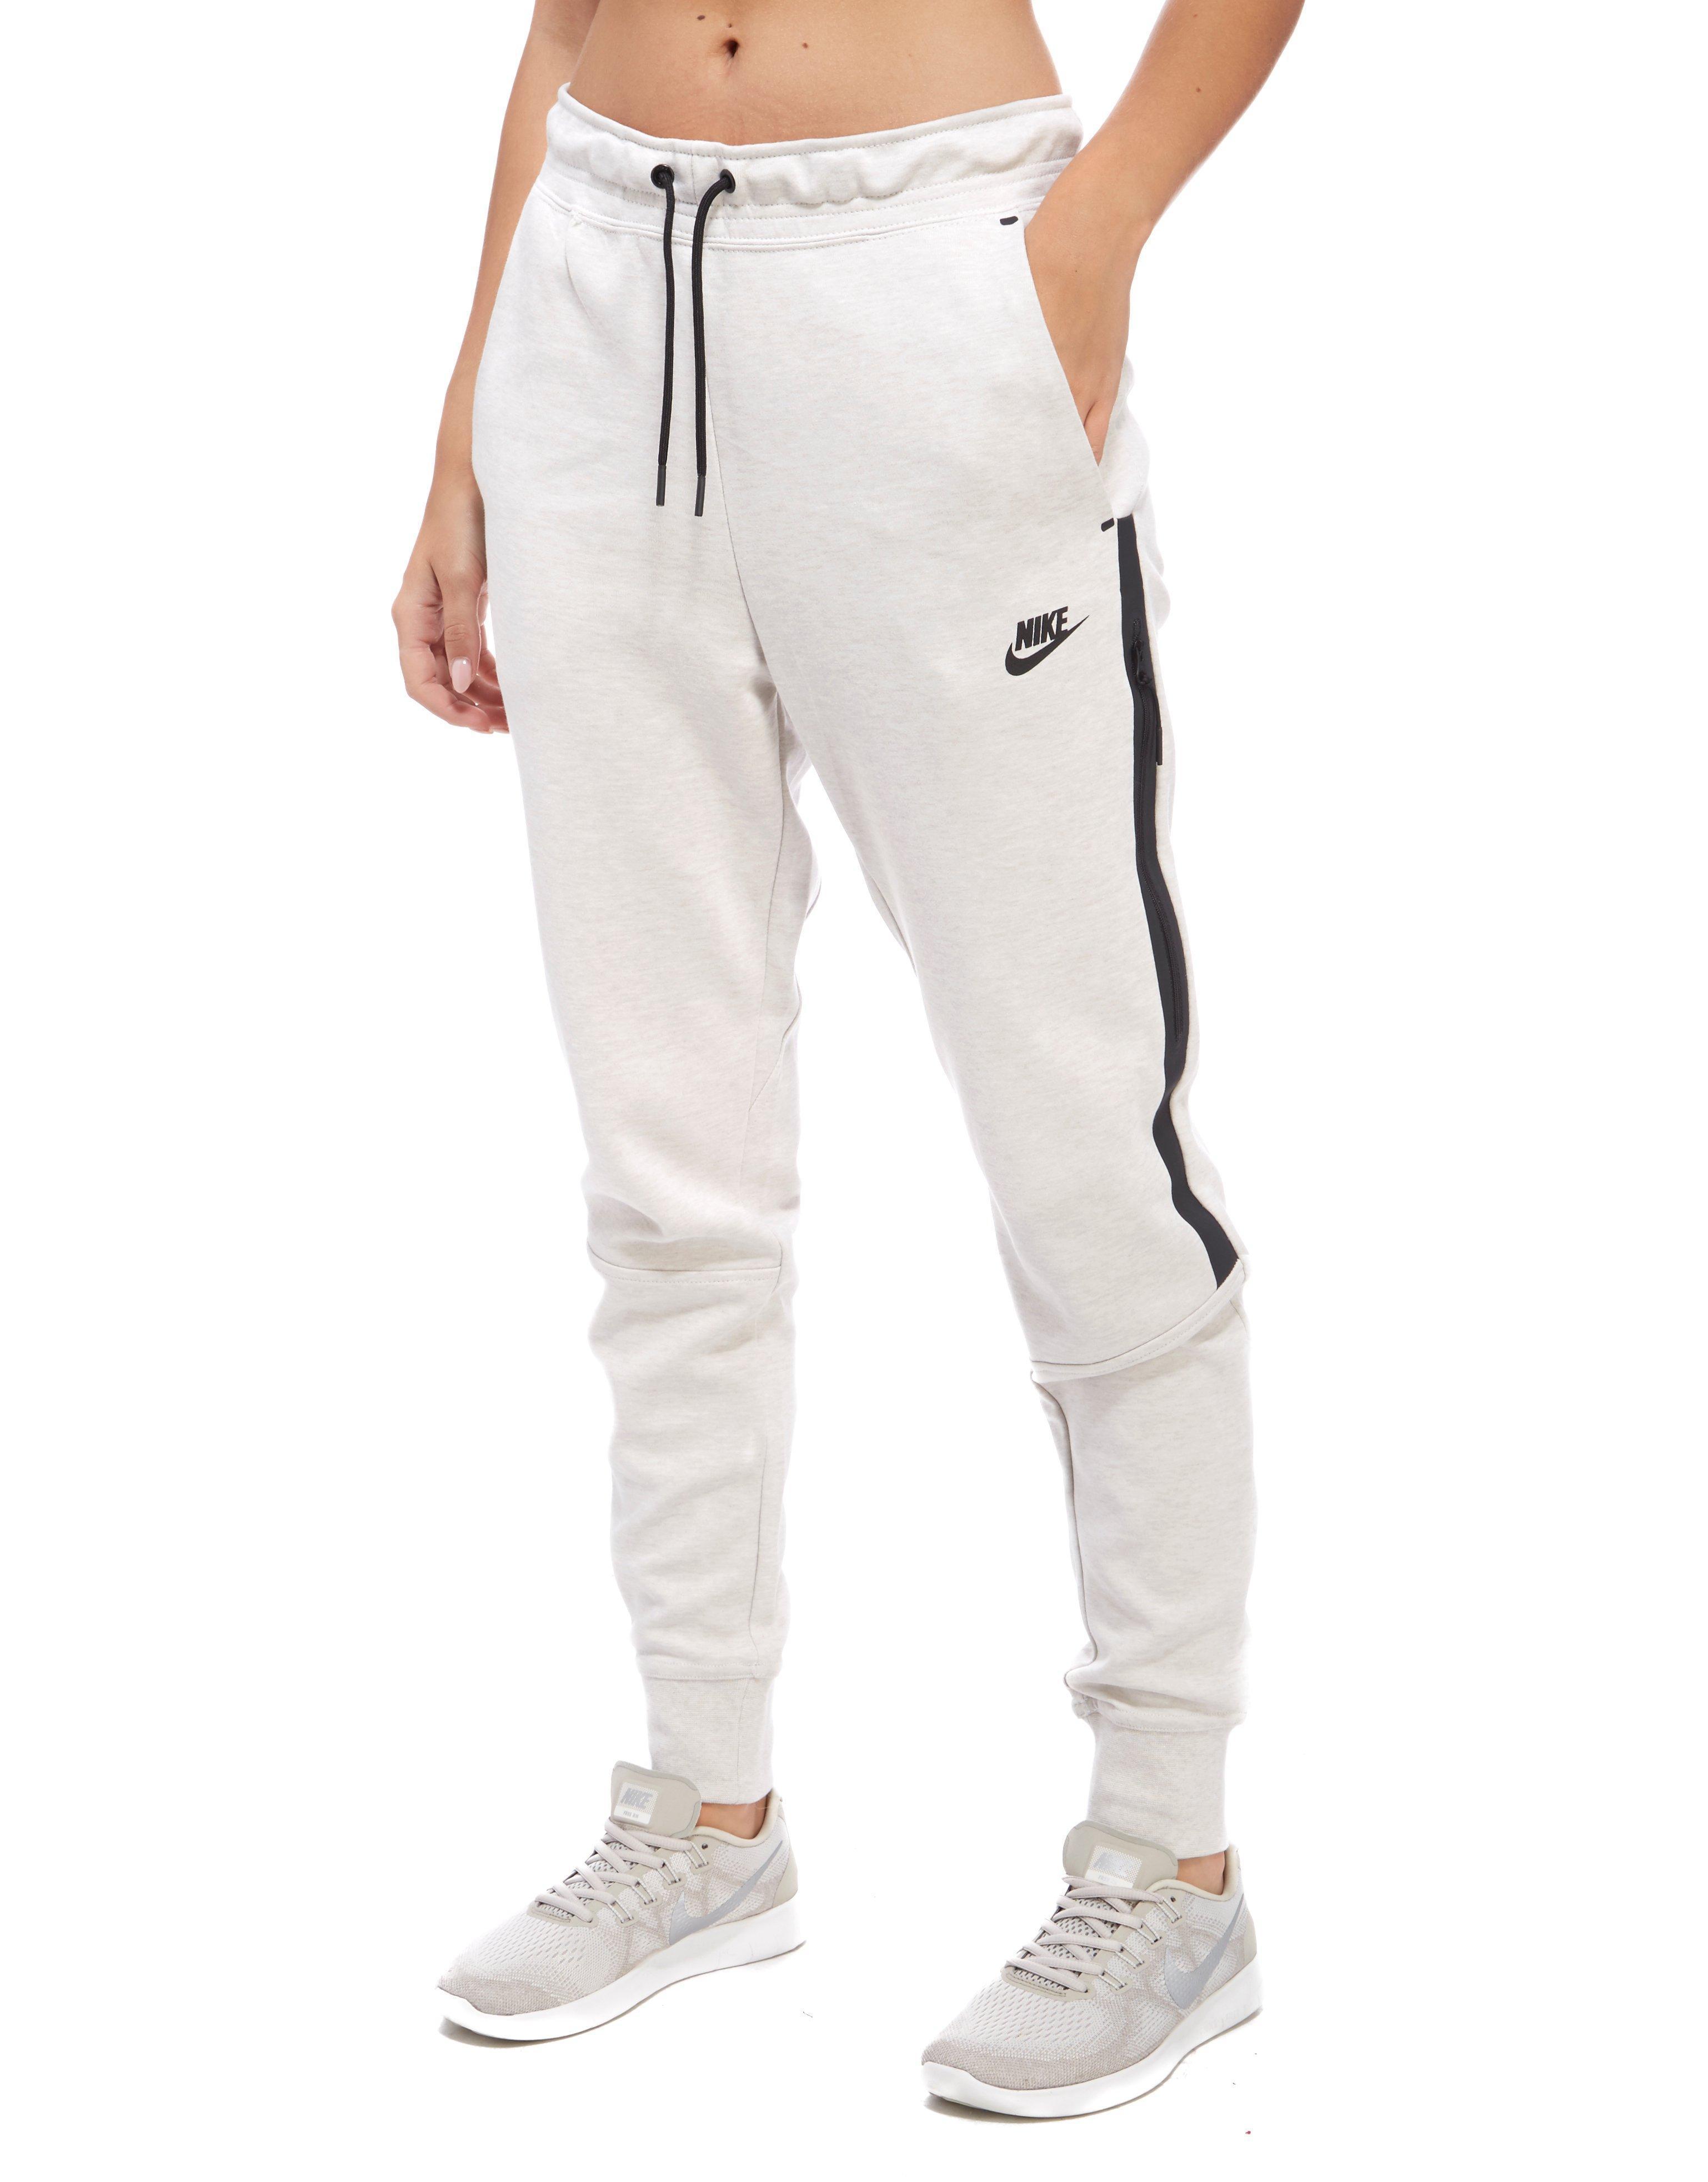 Lyst - Nike Tech Fleece Pants in White 47dcf9cfa2d5